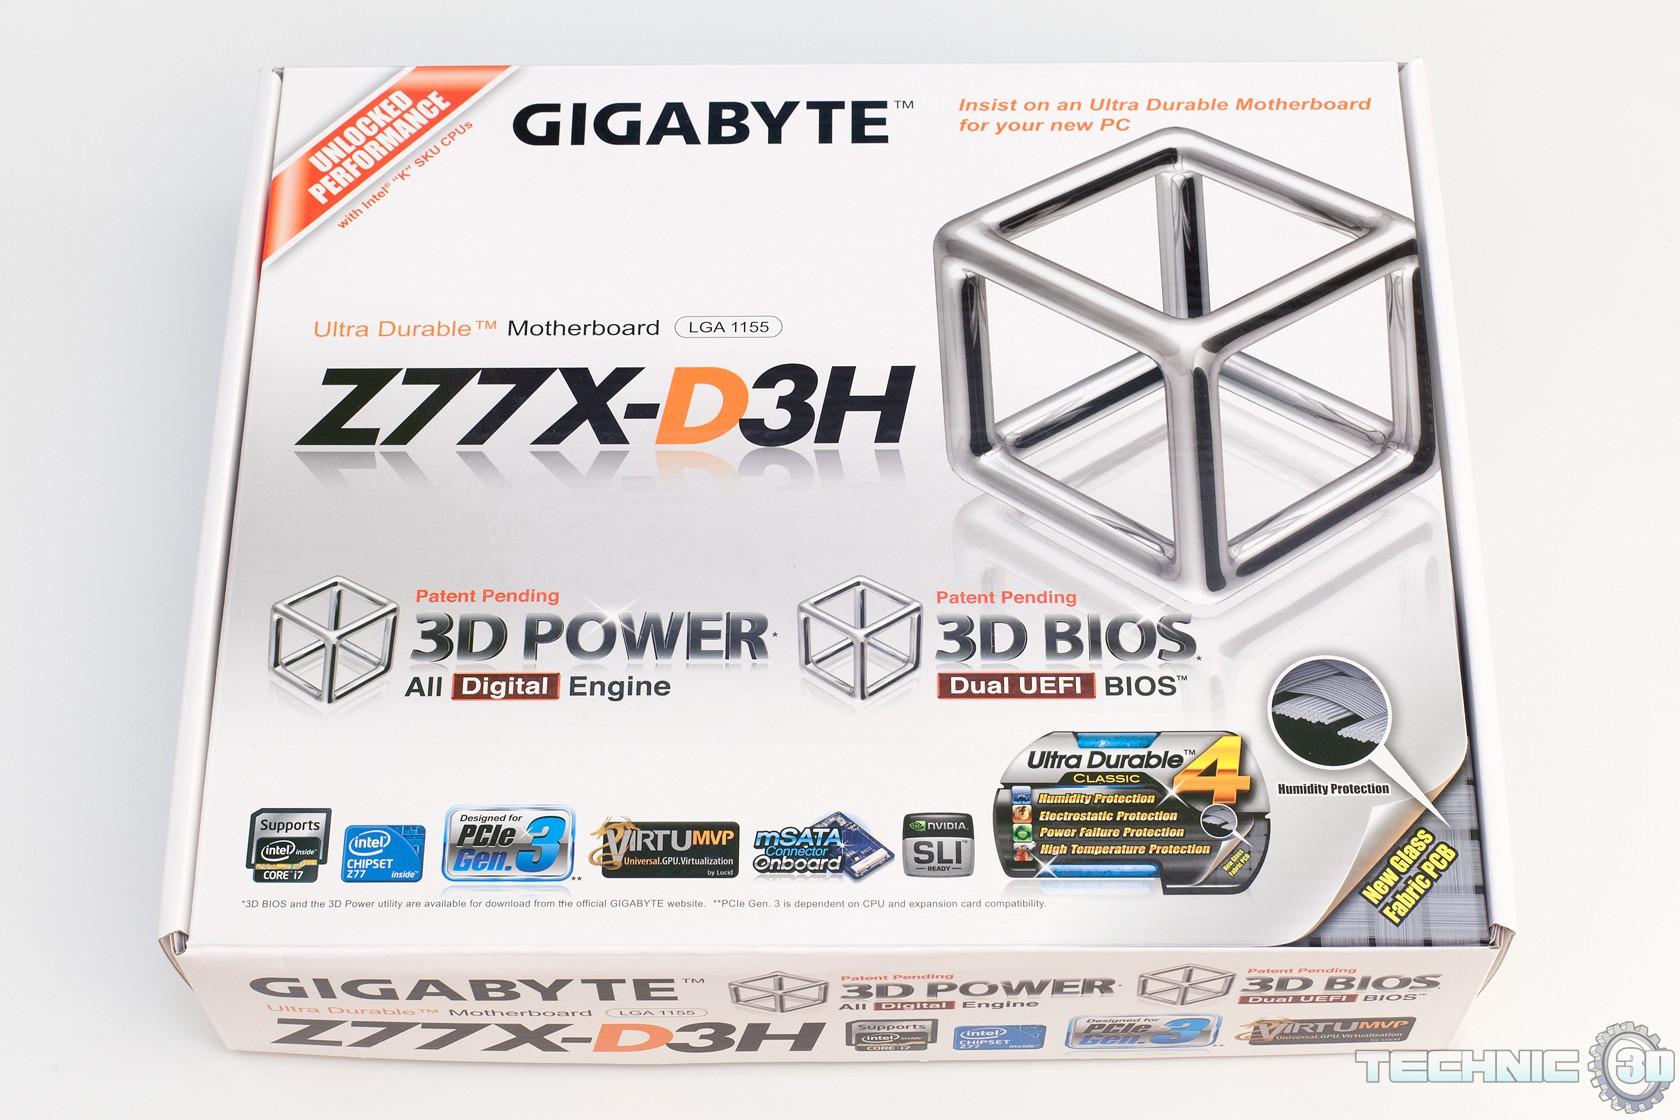 Gigabyte Z77X-D3H Mainboard im Test | Review | Technic3D